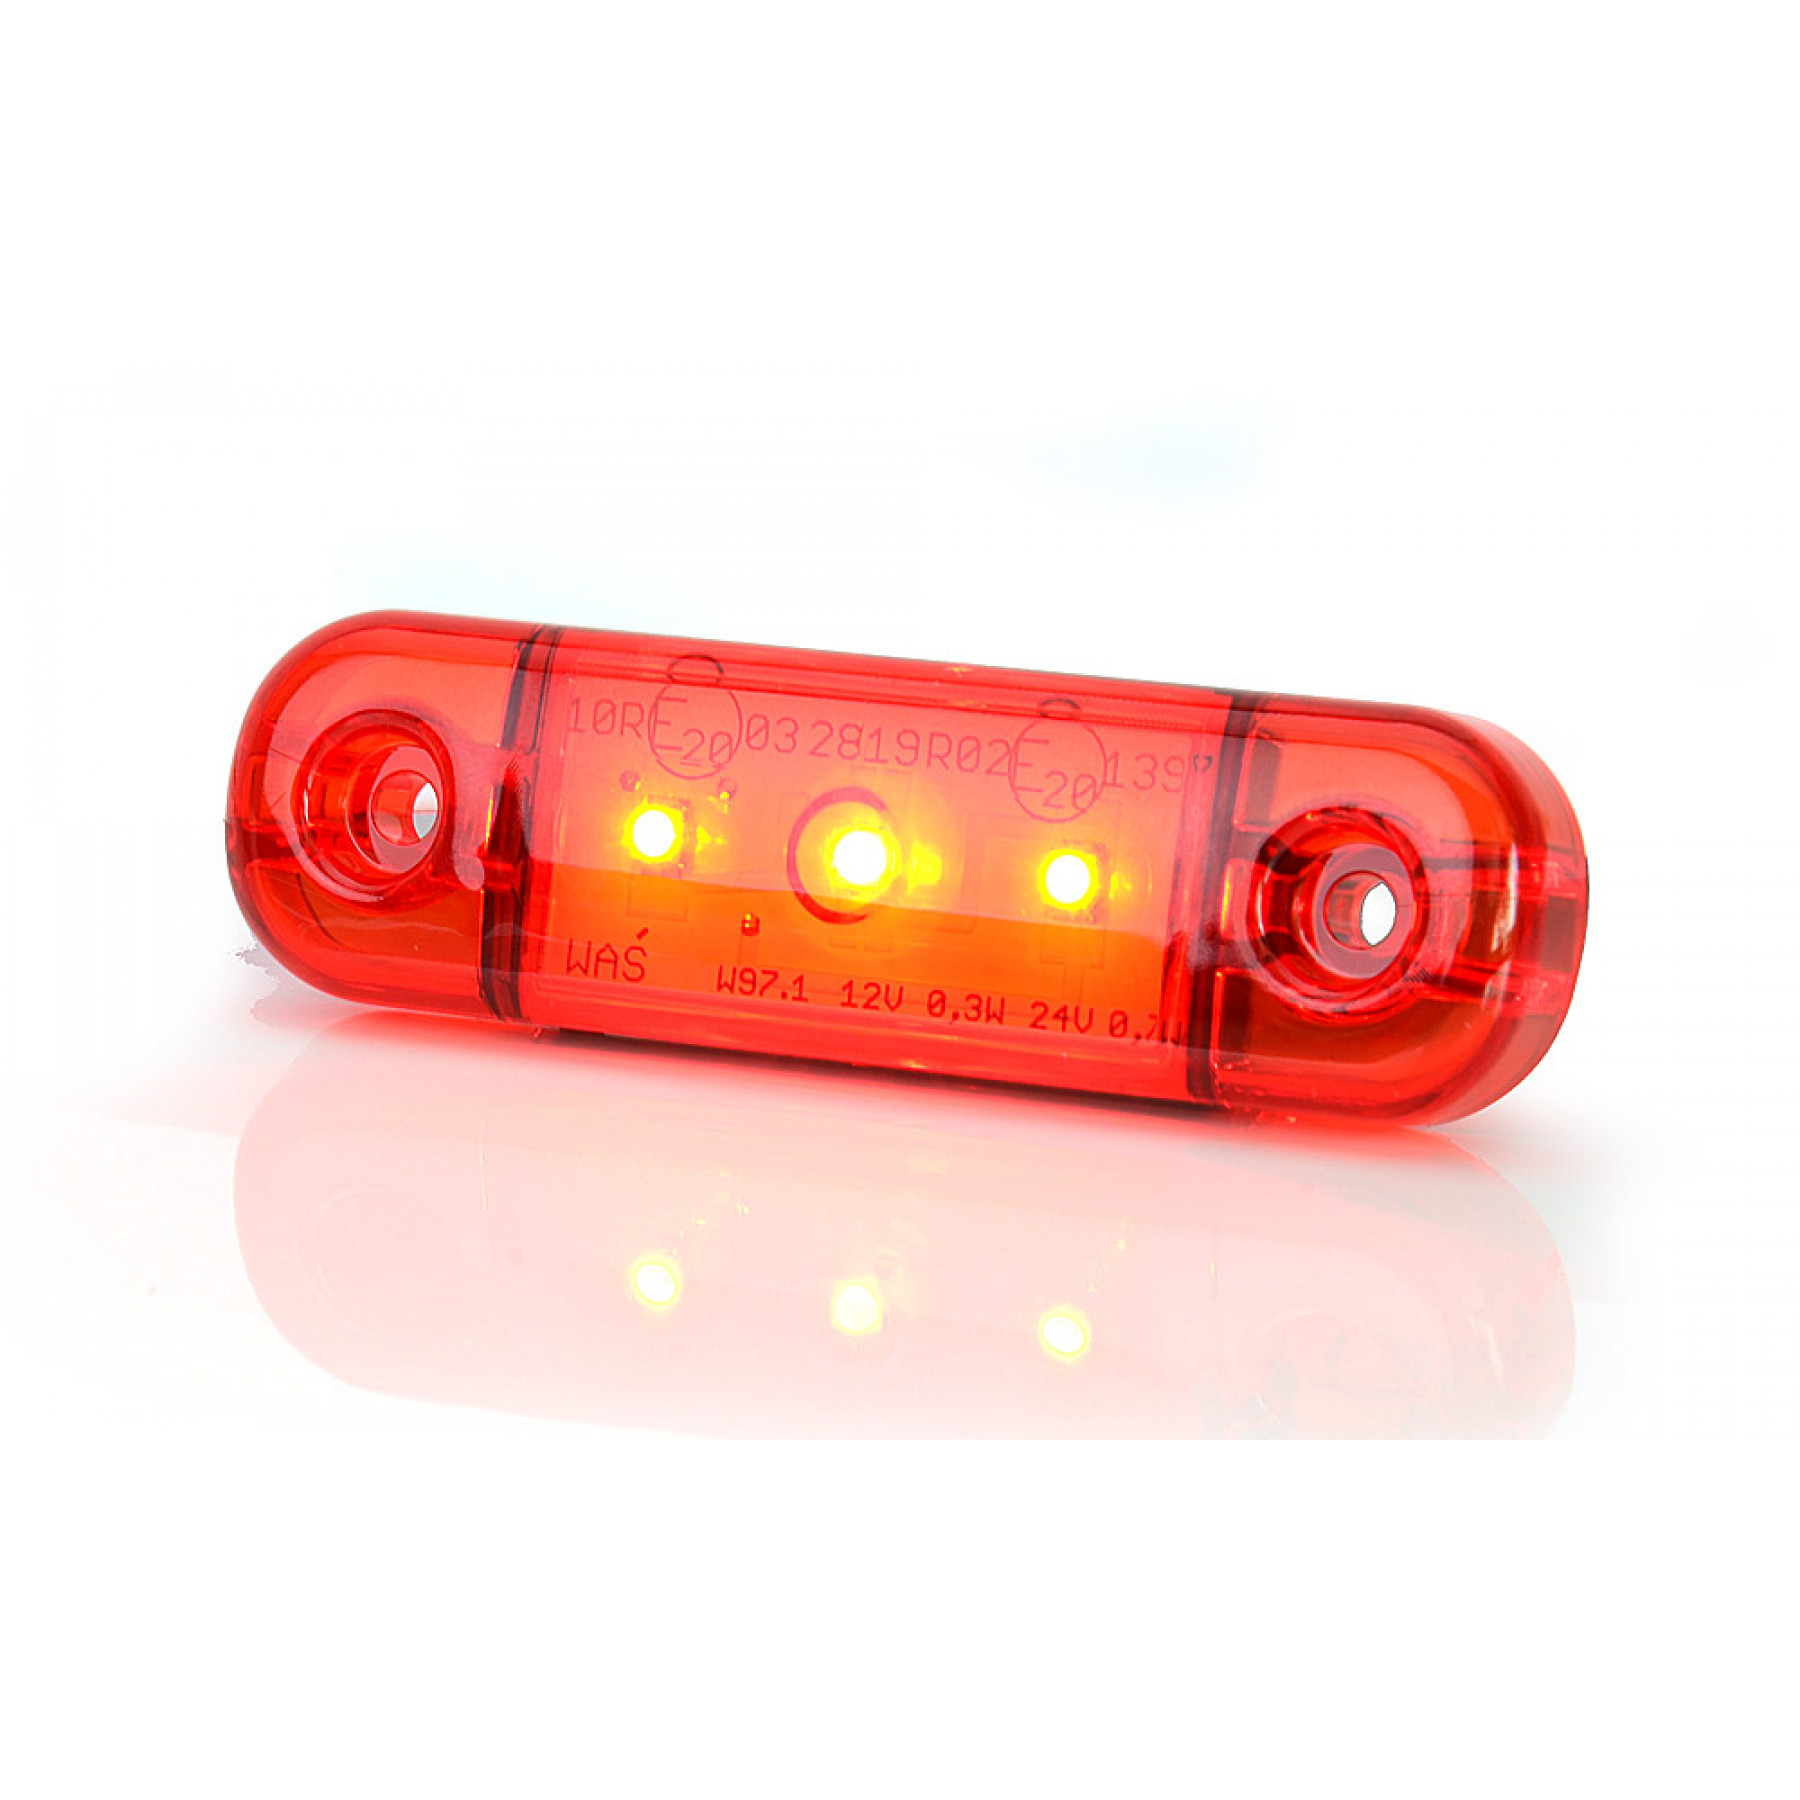 Markeringslamp LED rood 3 led 12/24v